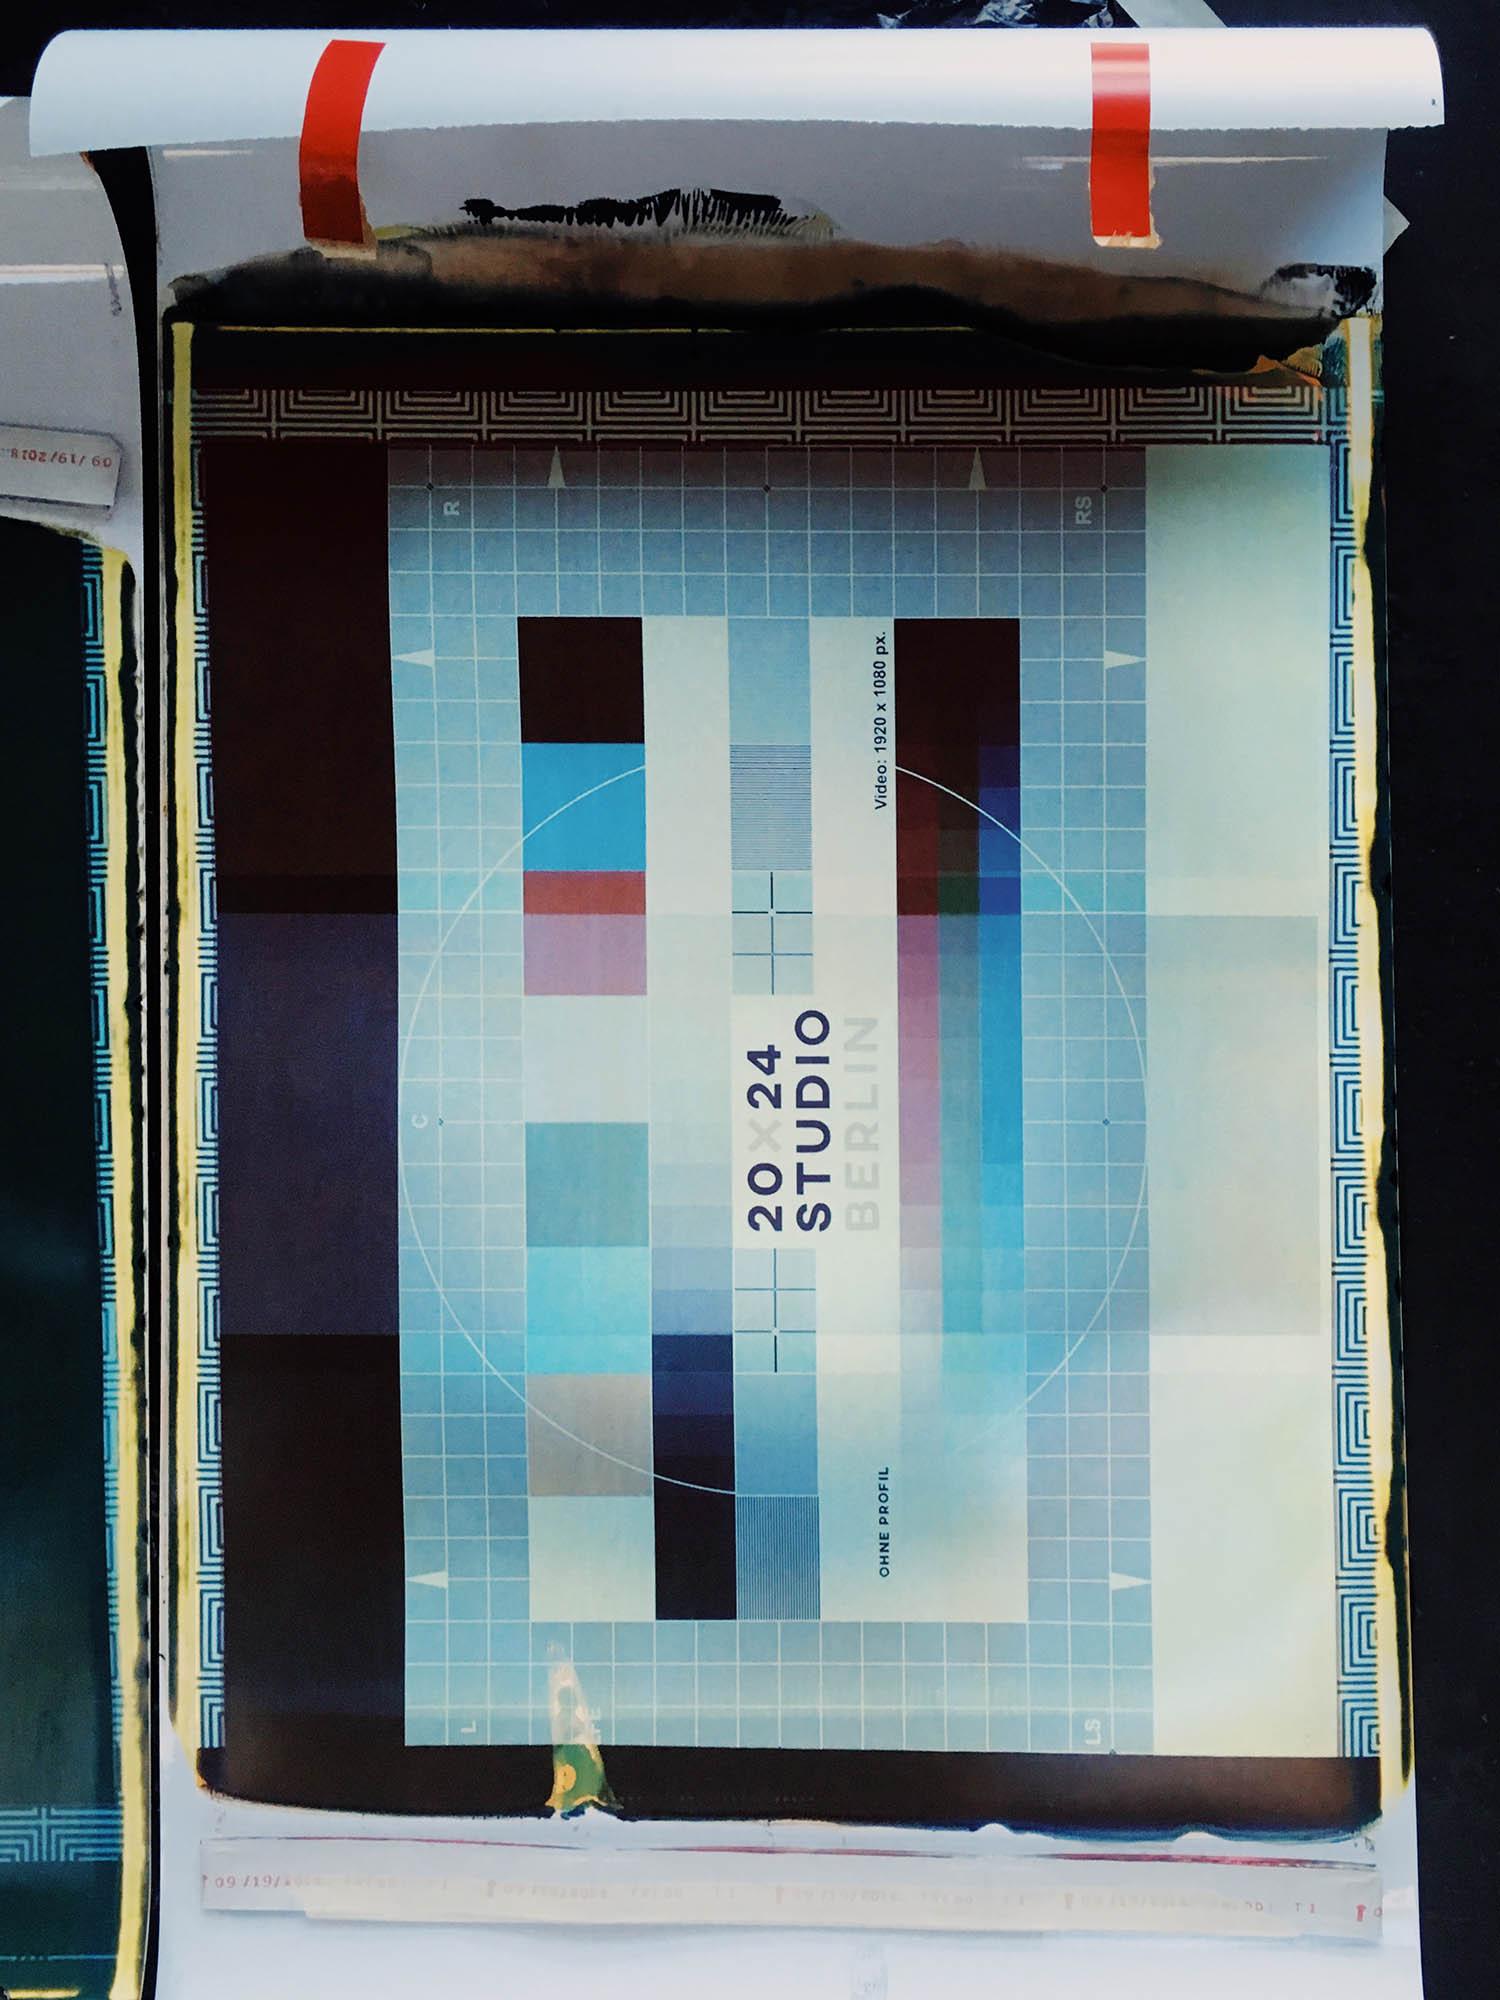 Eines der ersten Testbilder zur Kalibrierung des INSTANT D2A